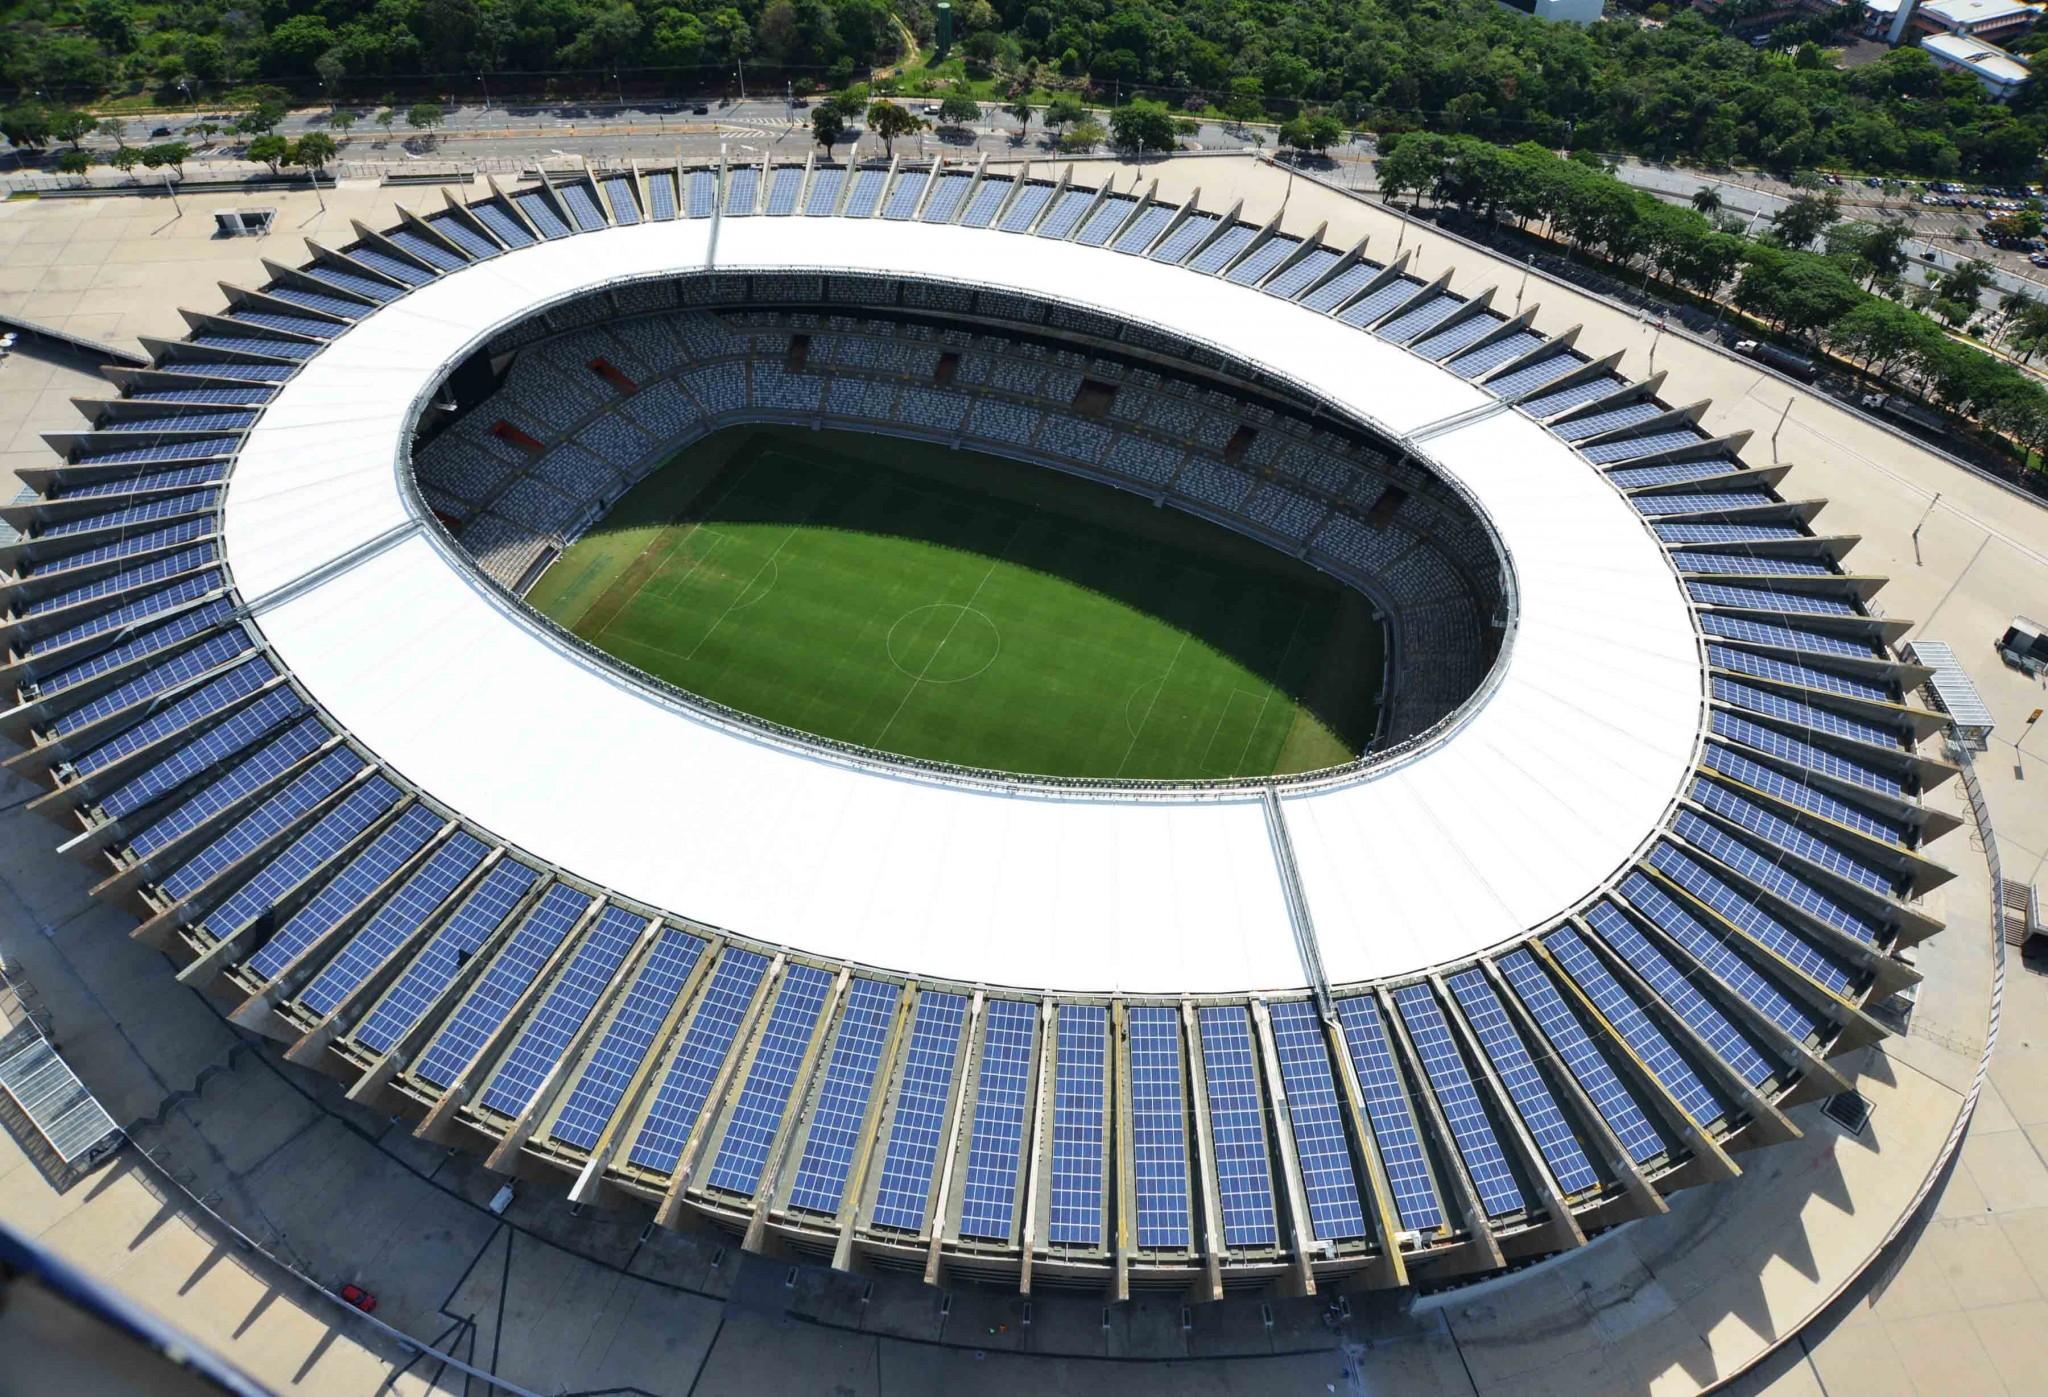 Energia solar fotovoltaica _ energia solar em estádios brasileiros